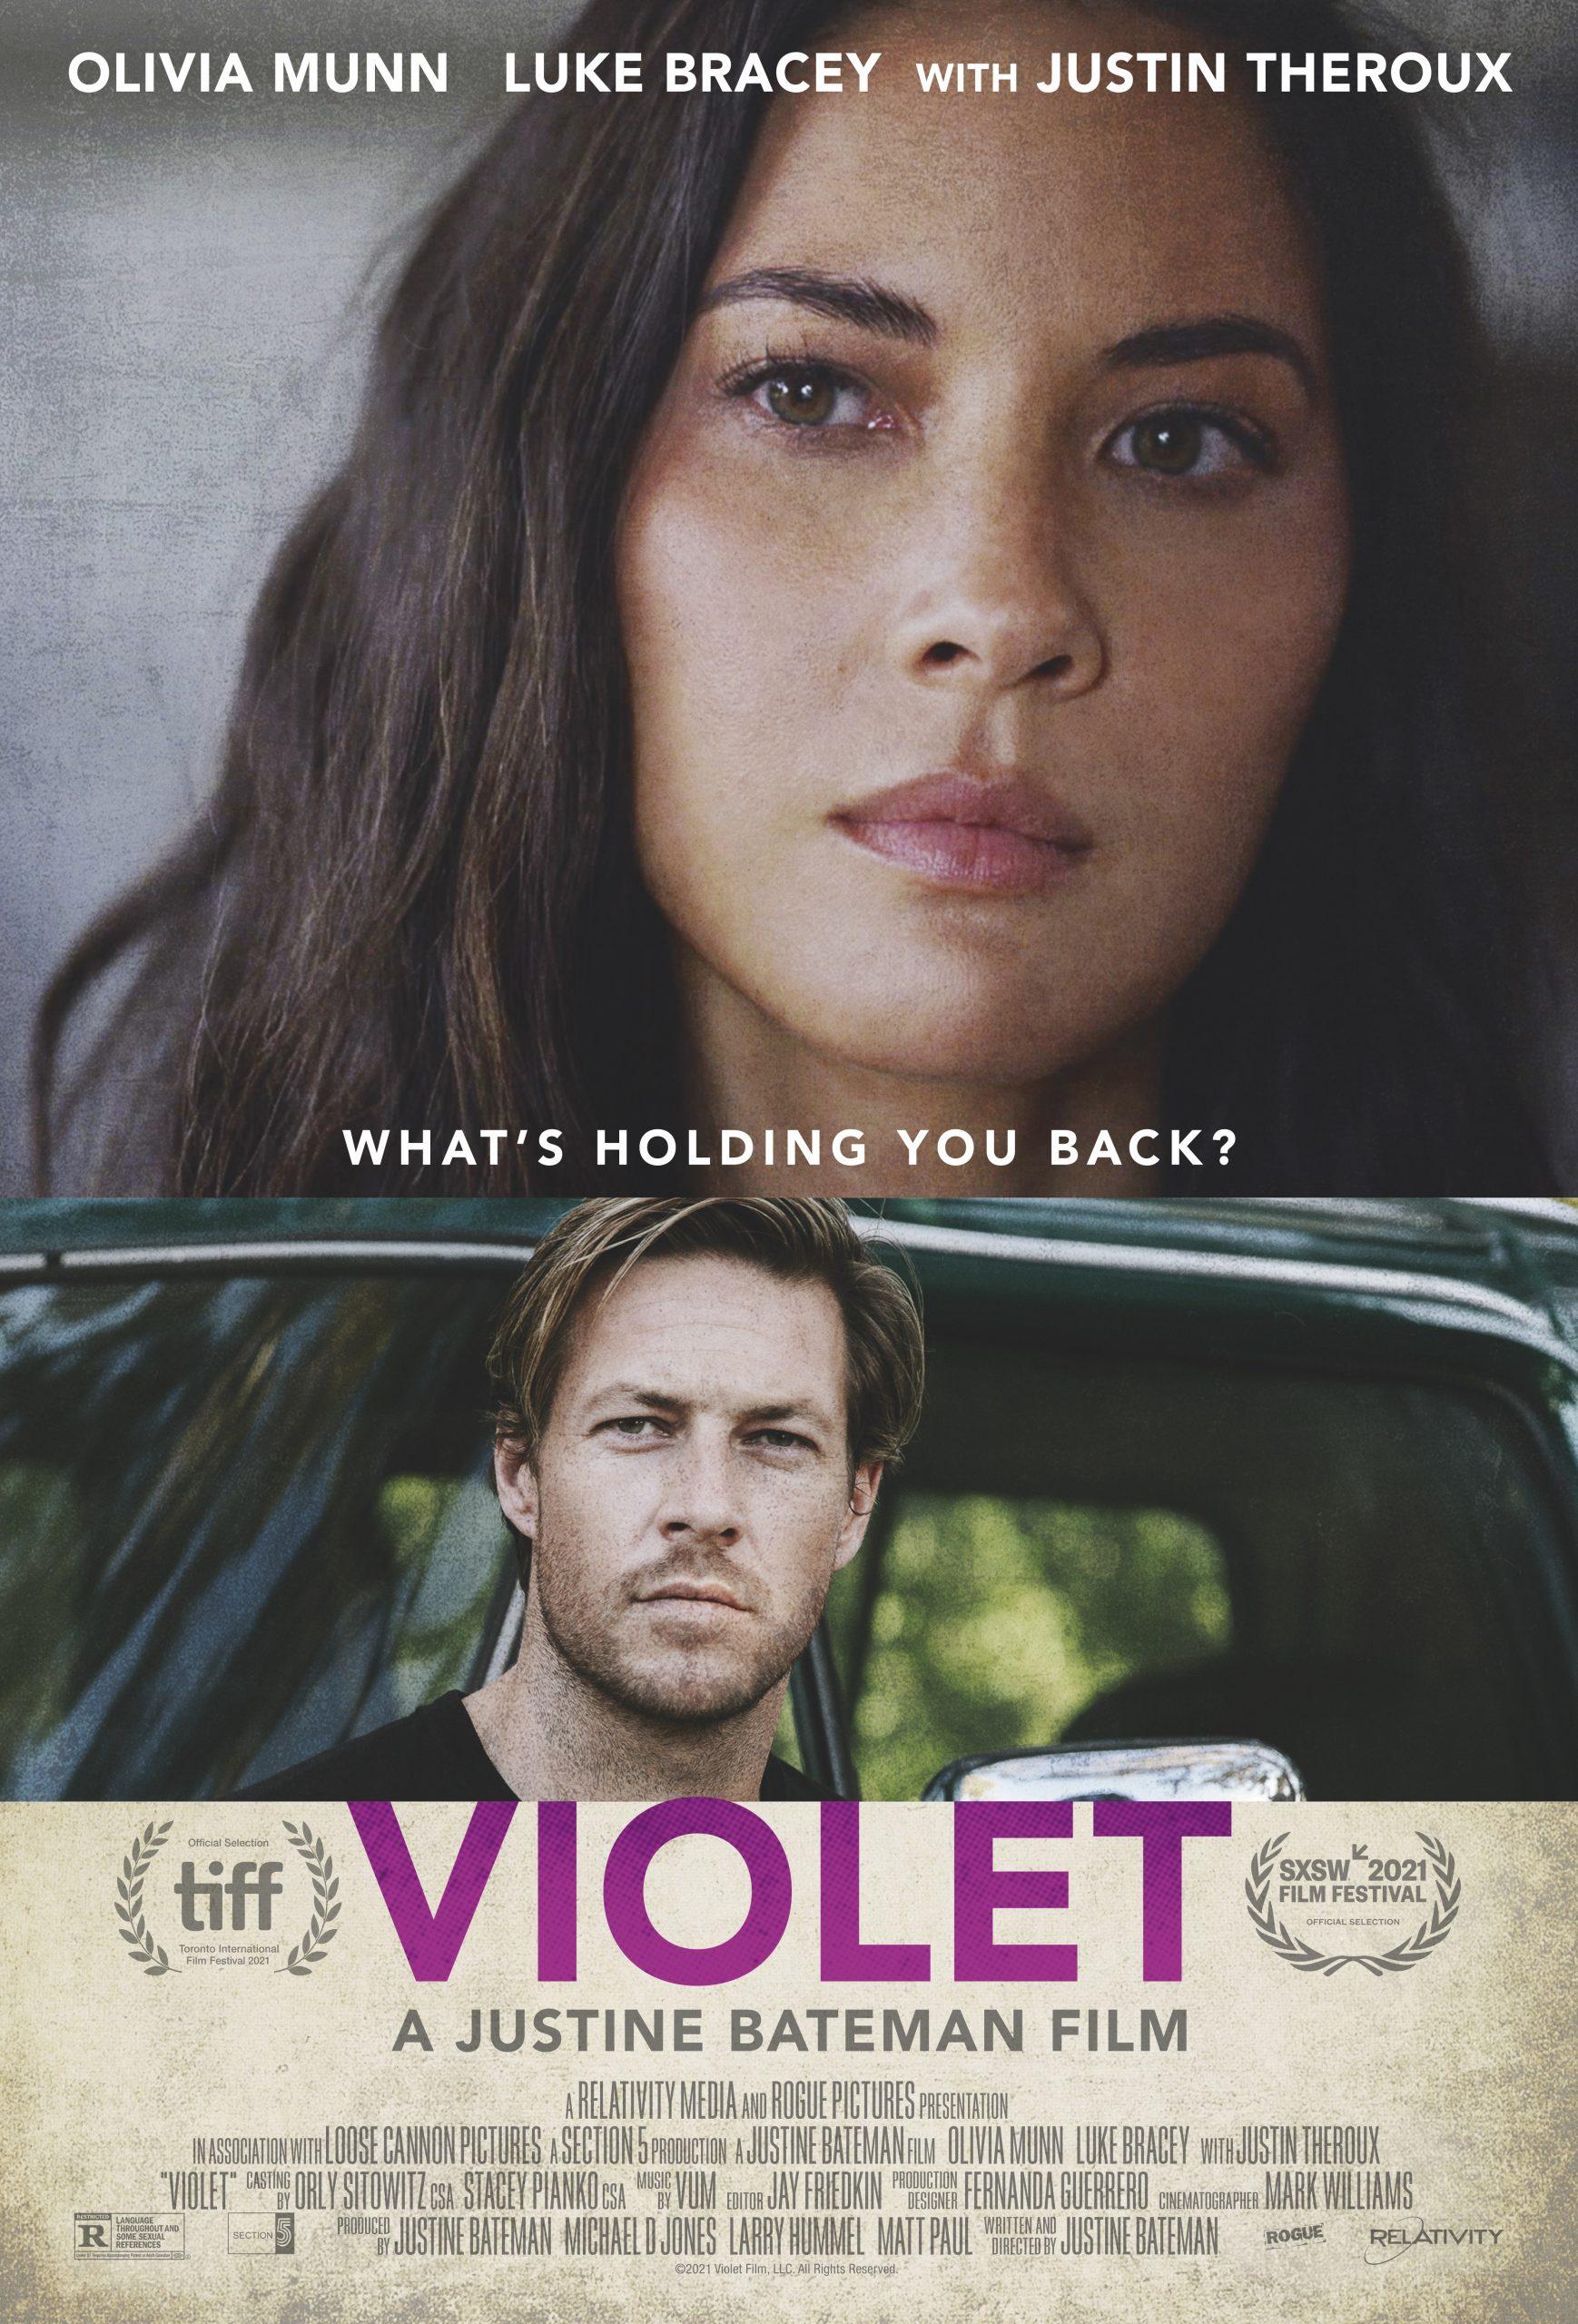 Poster for Violet